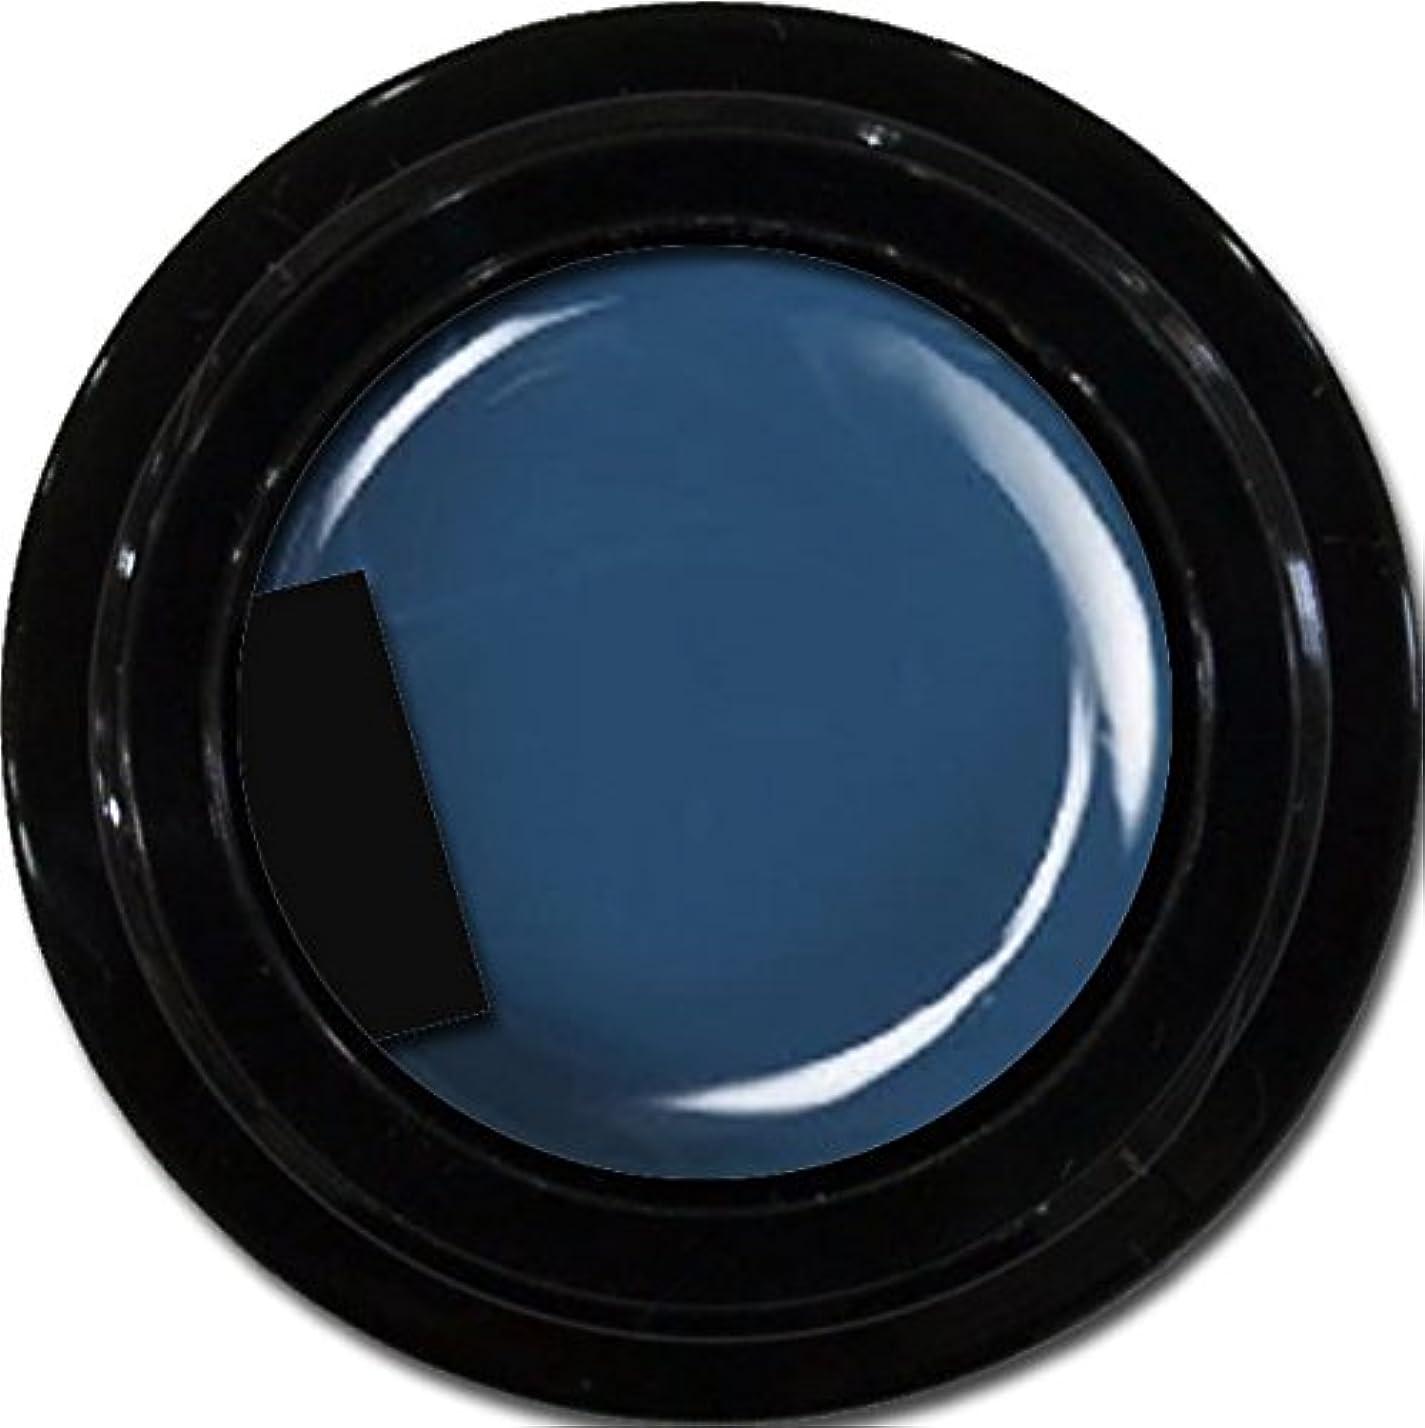 燃やす急速なレバーカラージェル enchant color gel M720 BrilliantBlue 3g/ マットカラージェル M720ブリリアントブルー 3グラム